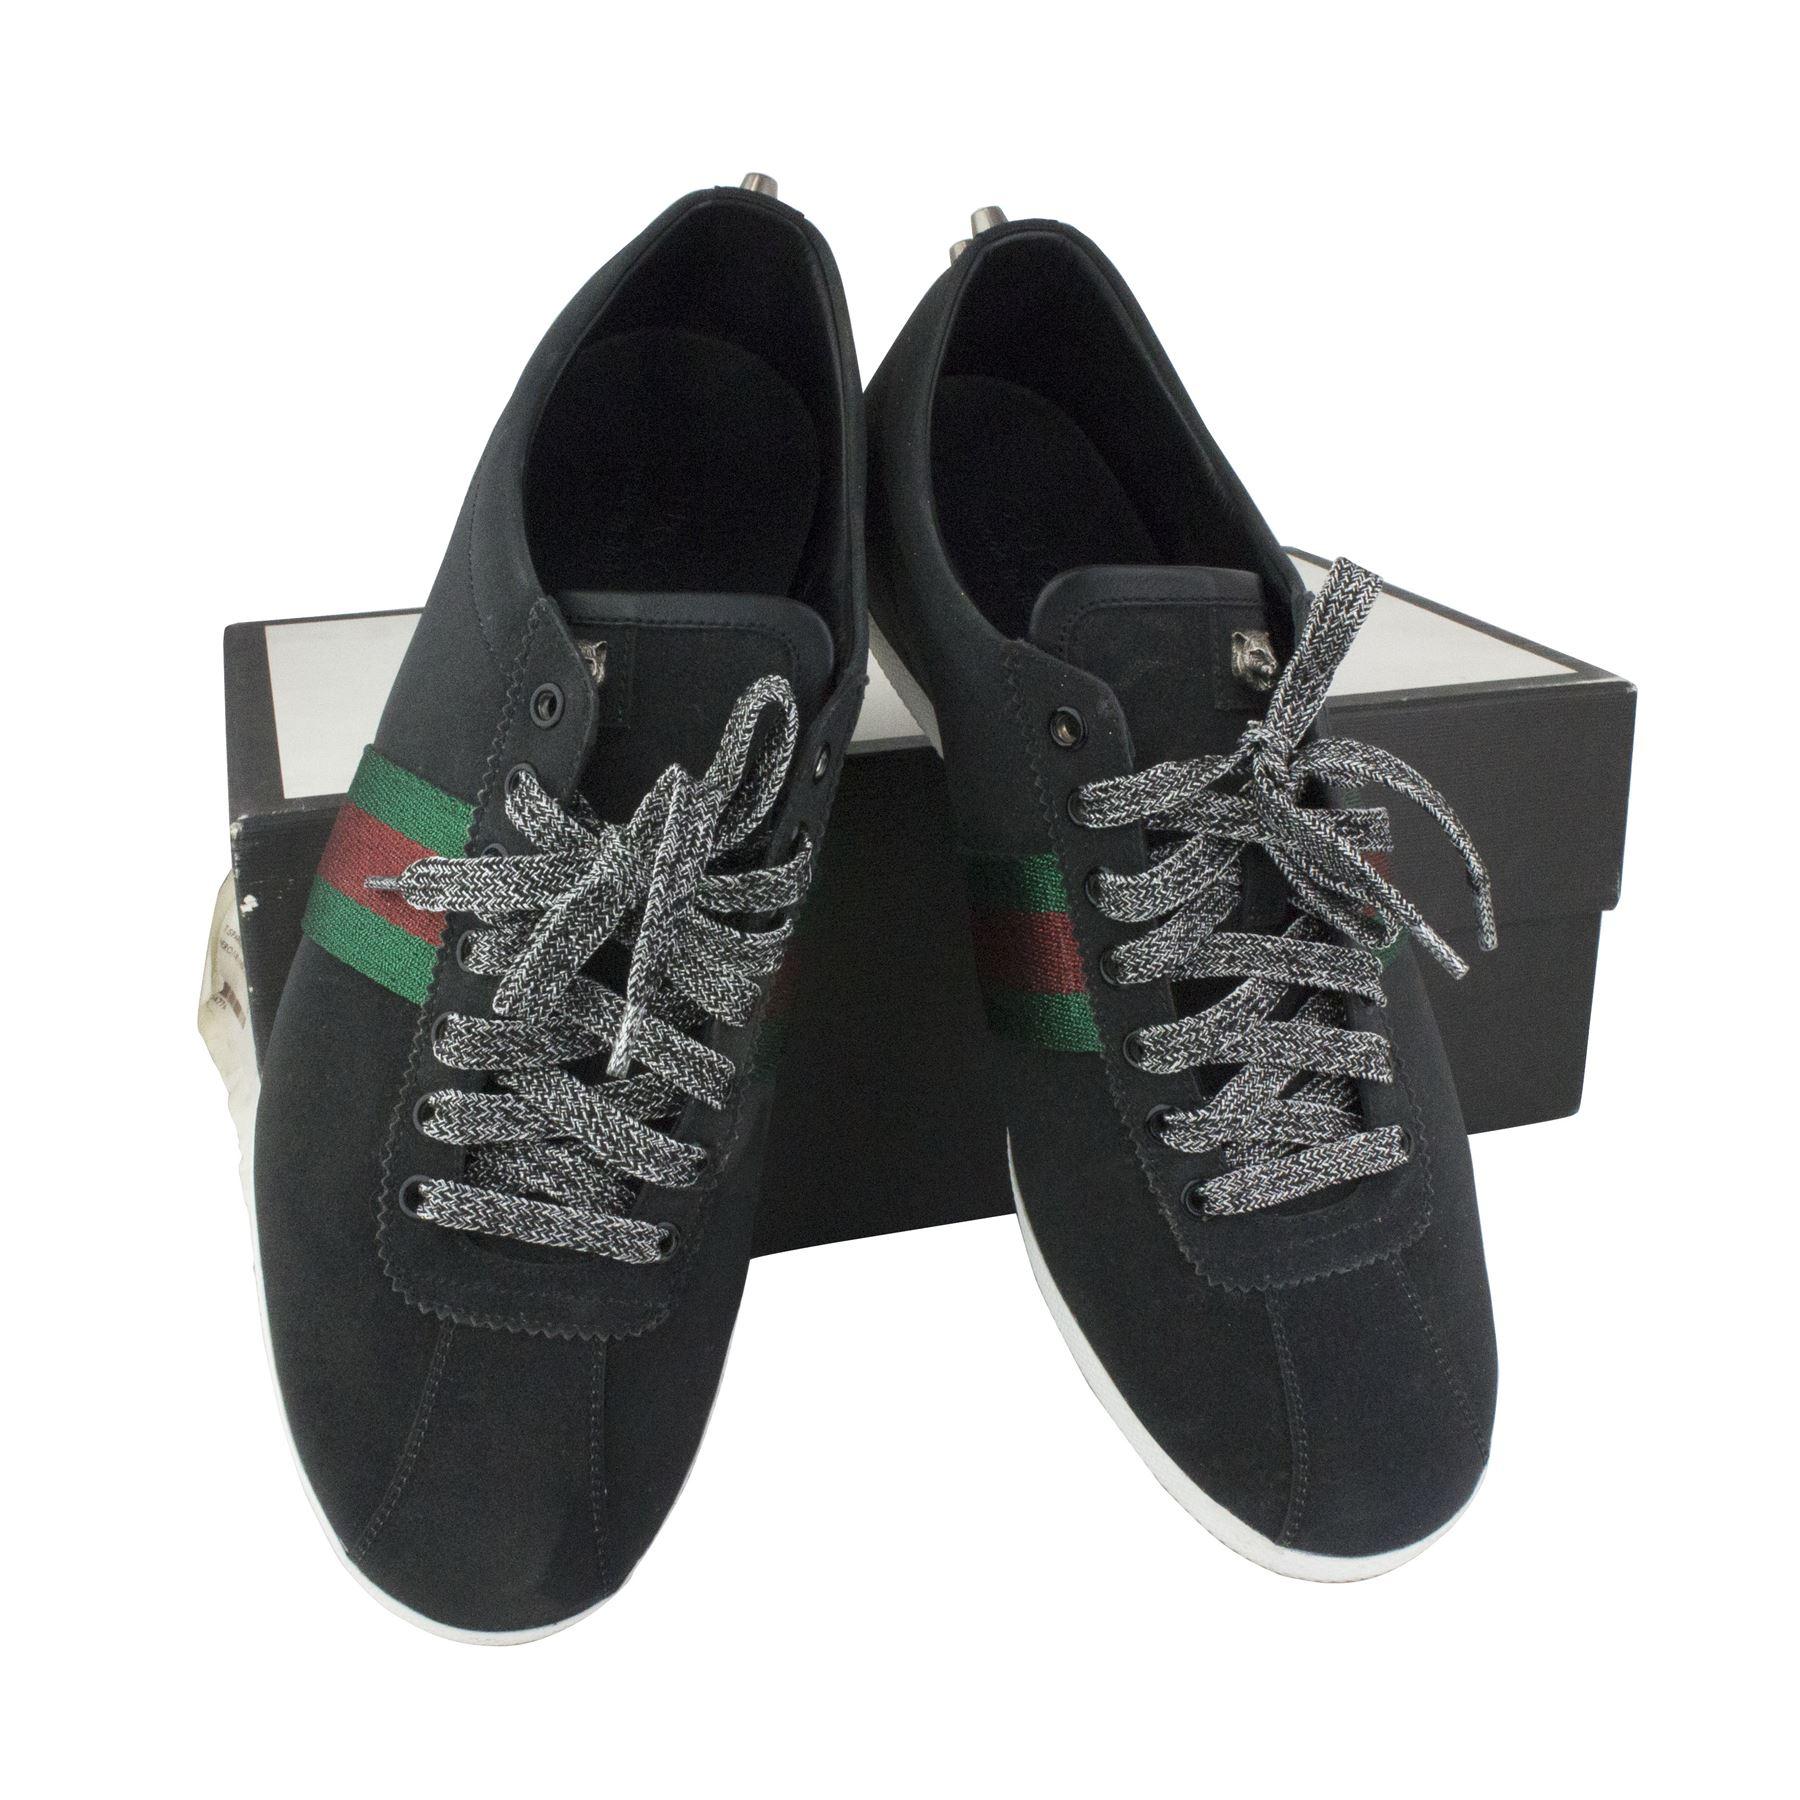 Gucci Glitter Web Sneaker 419712 Kw040 1074 Sneakers